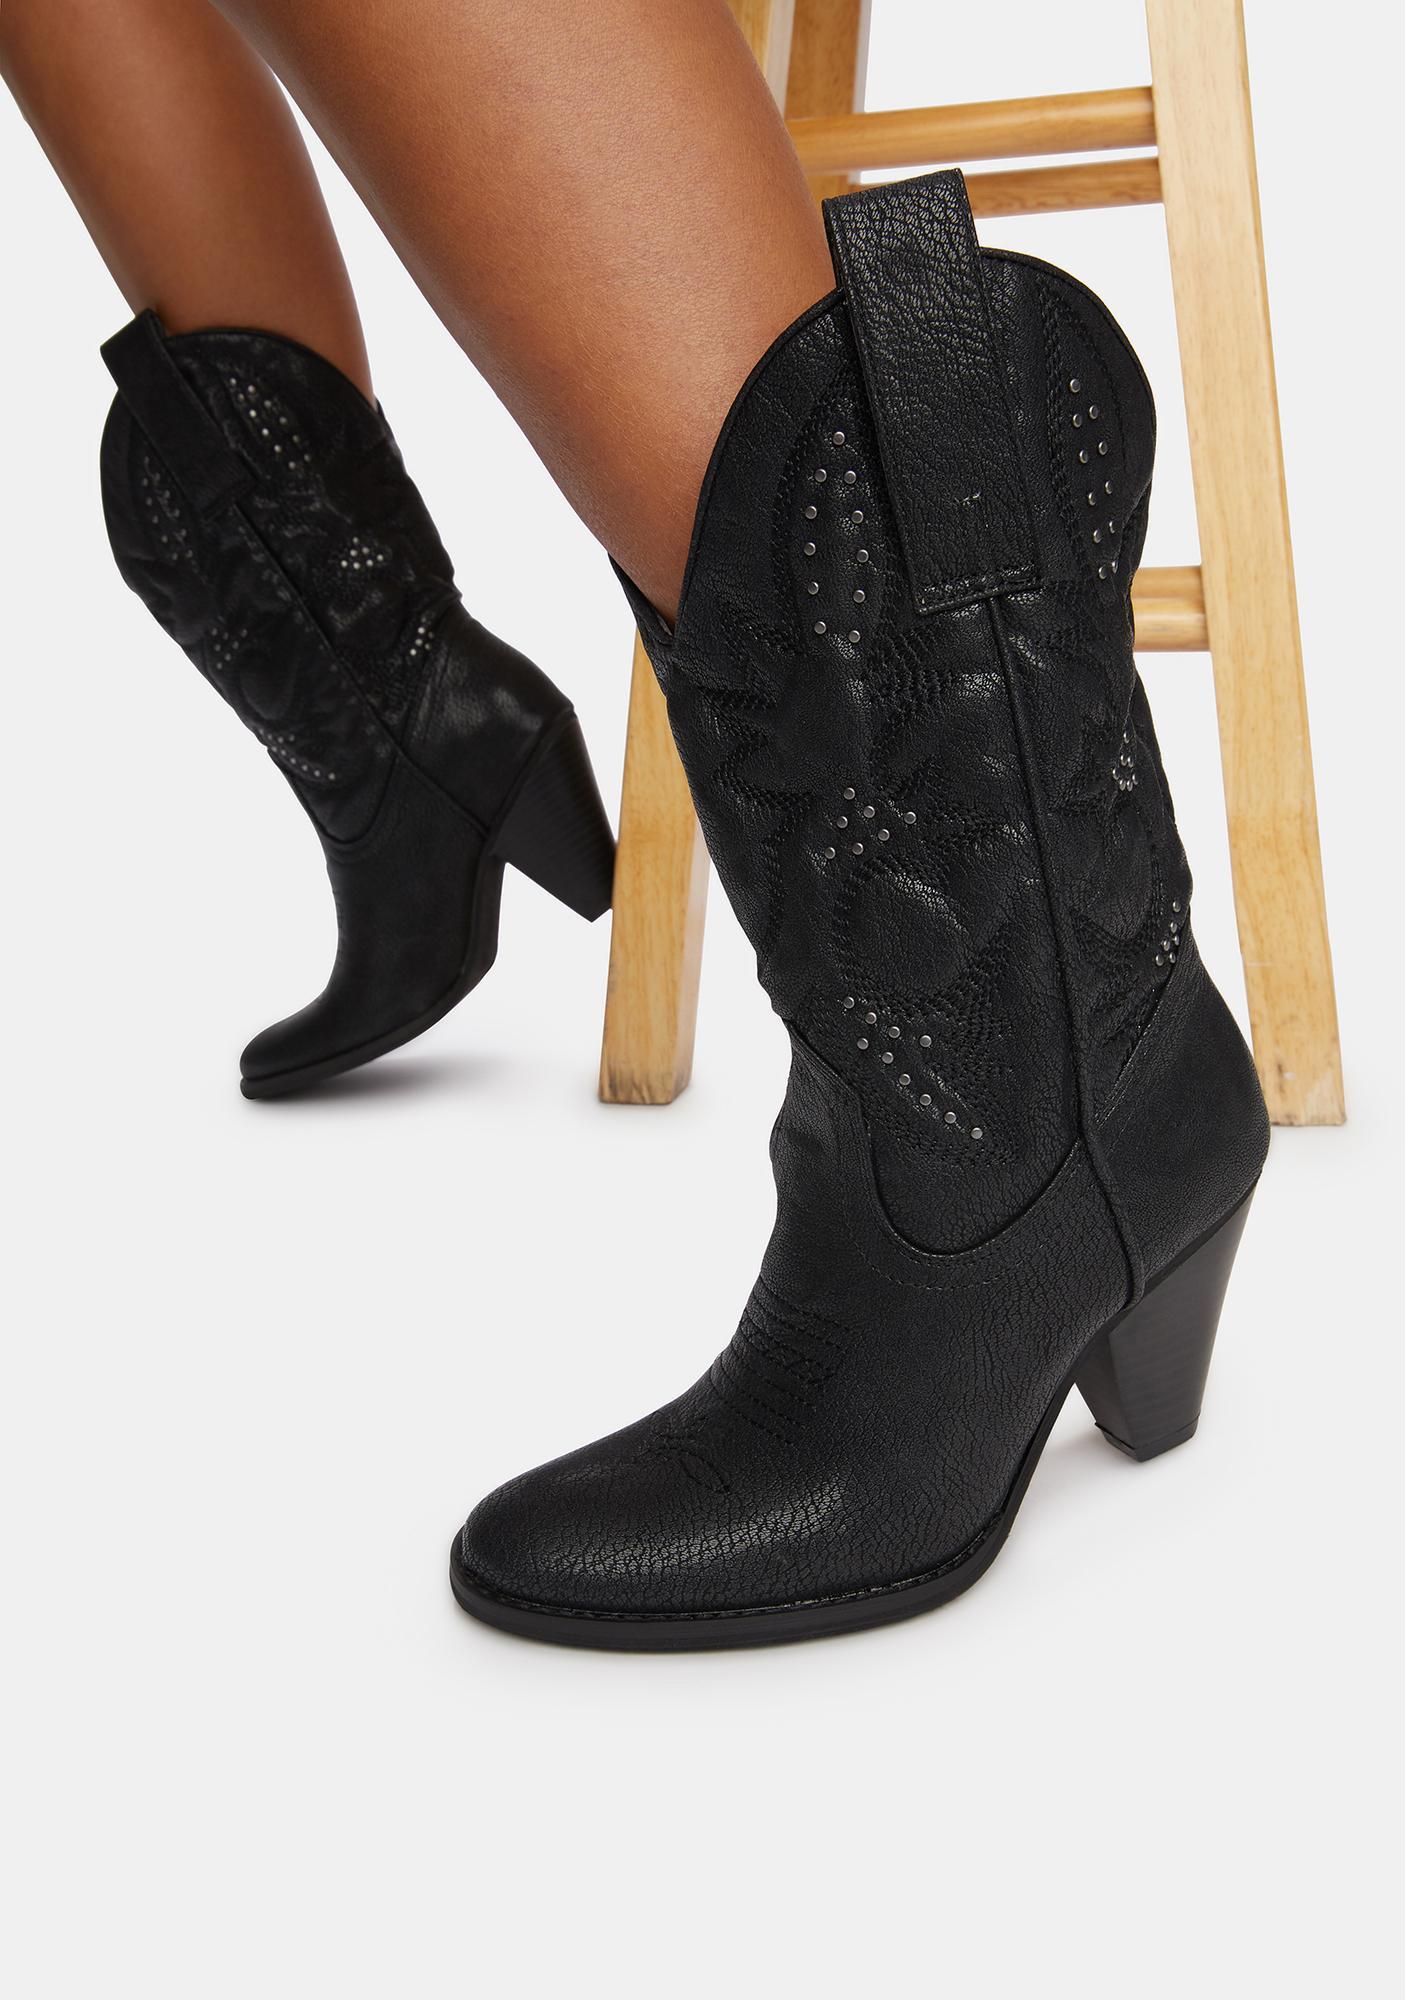 Volatile Shoes Denver Cowboy Boots